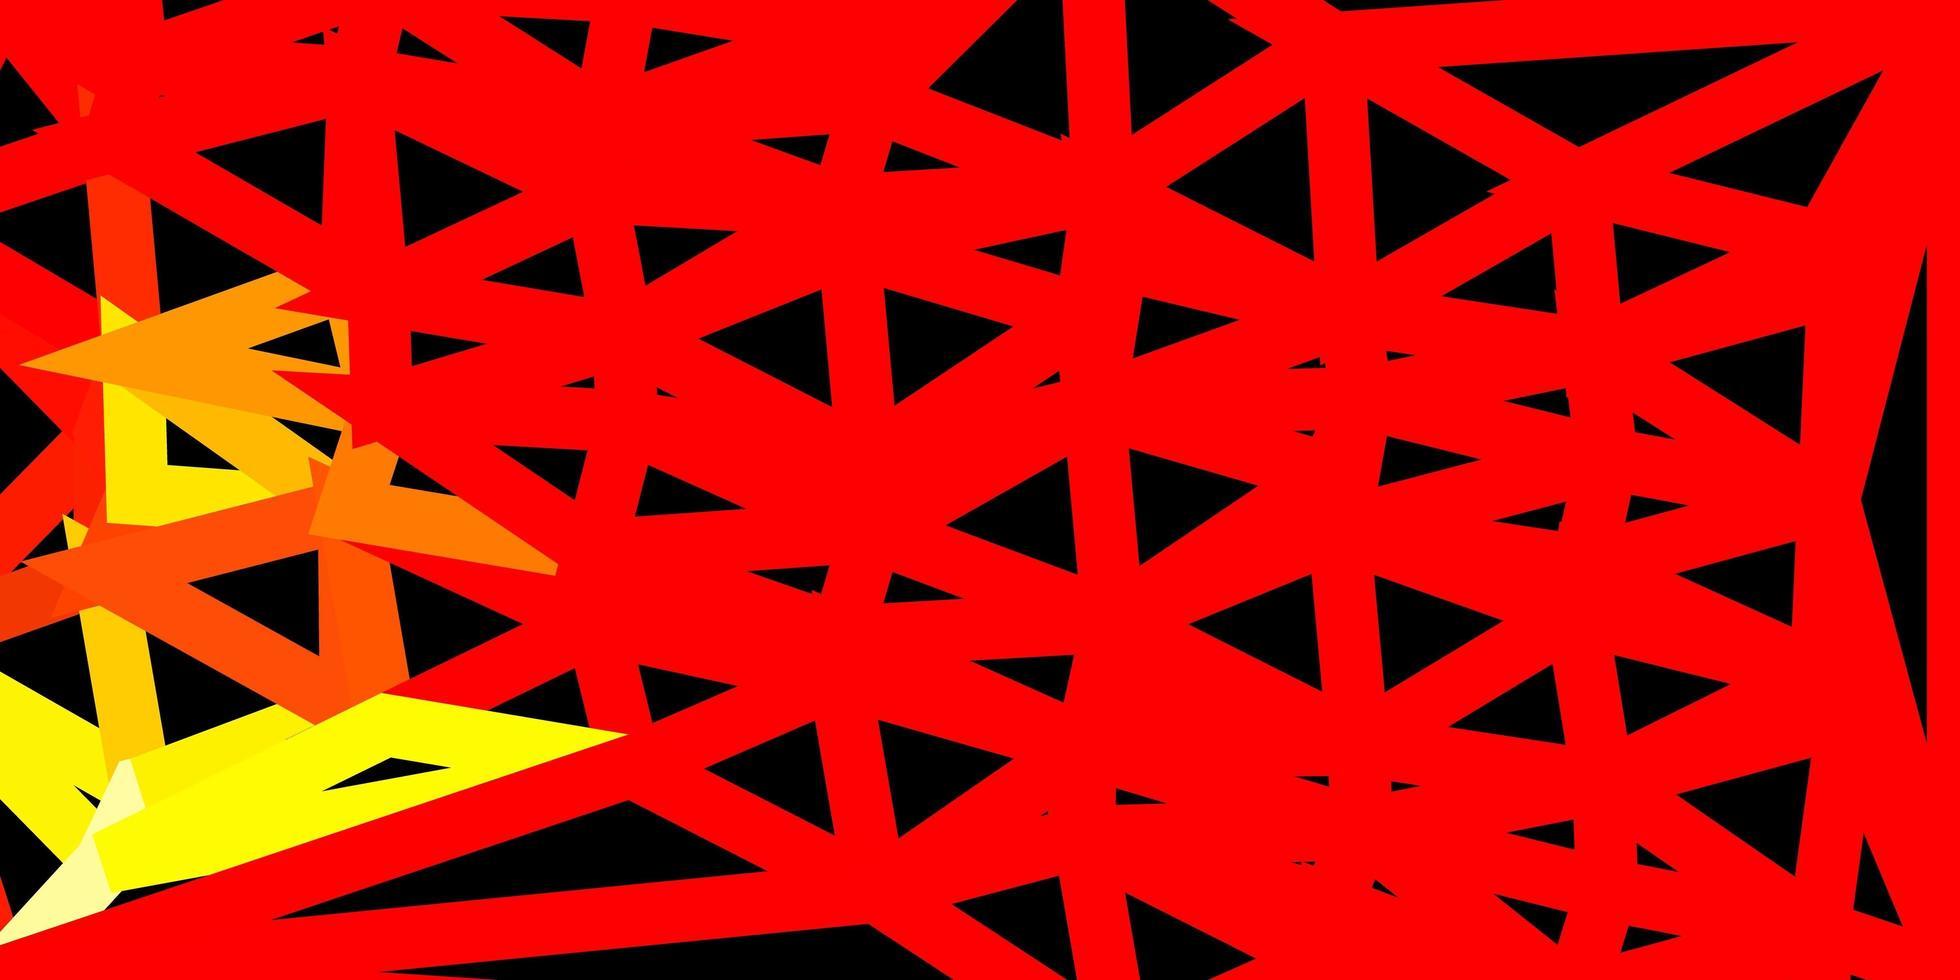 rood en geel driehoekspatroon. vector